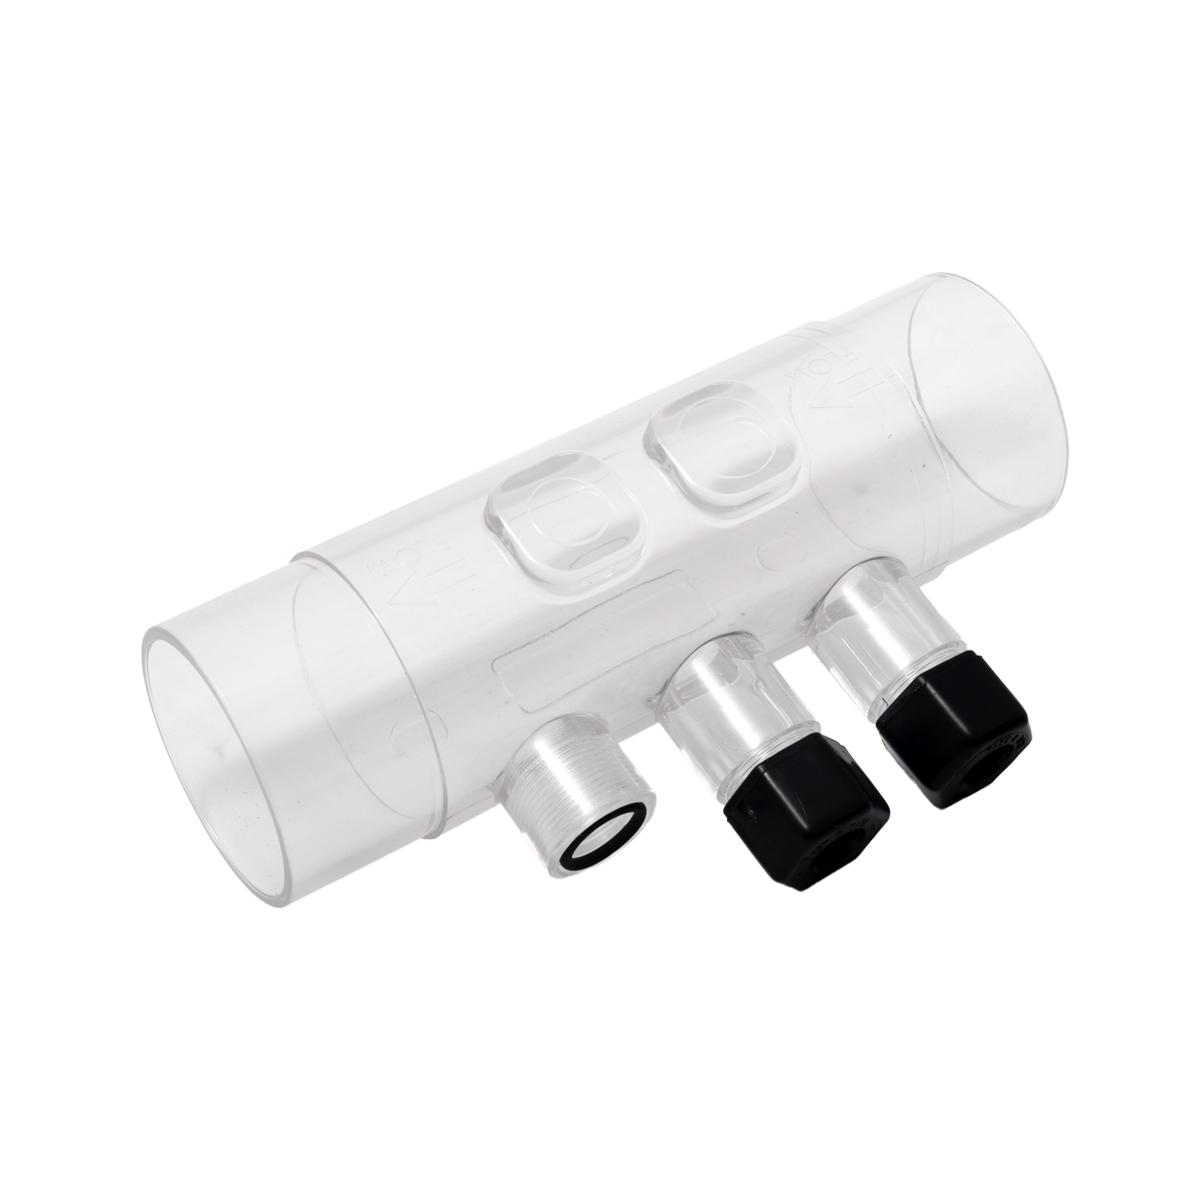 Transparent electrode and injector holder + O-ring Transparent electrode and injector holder + O-ring